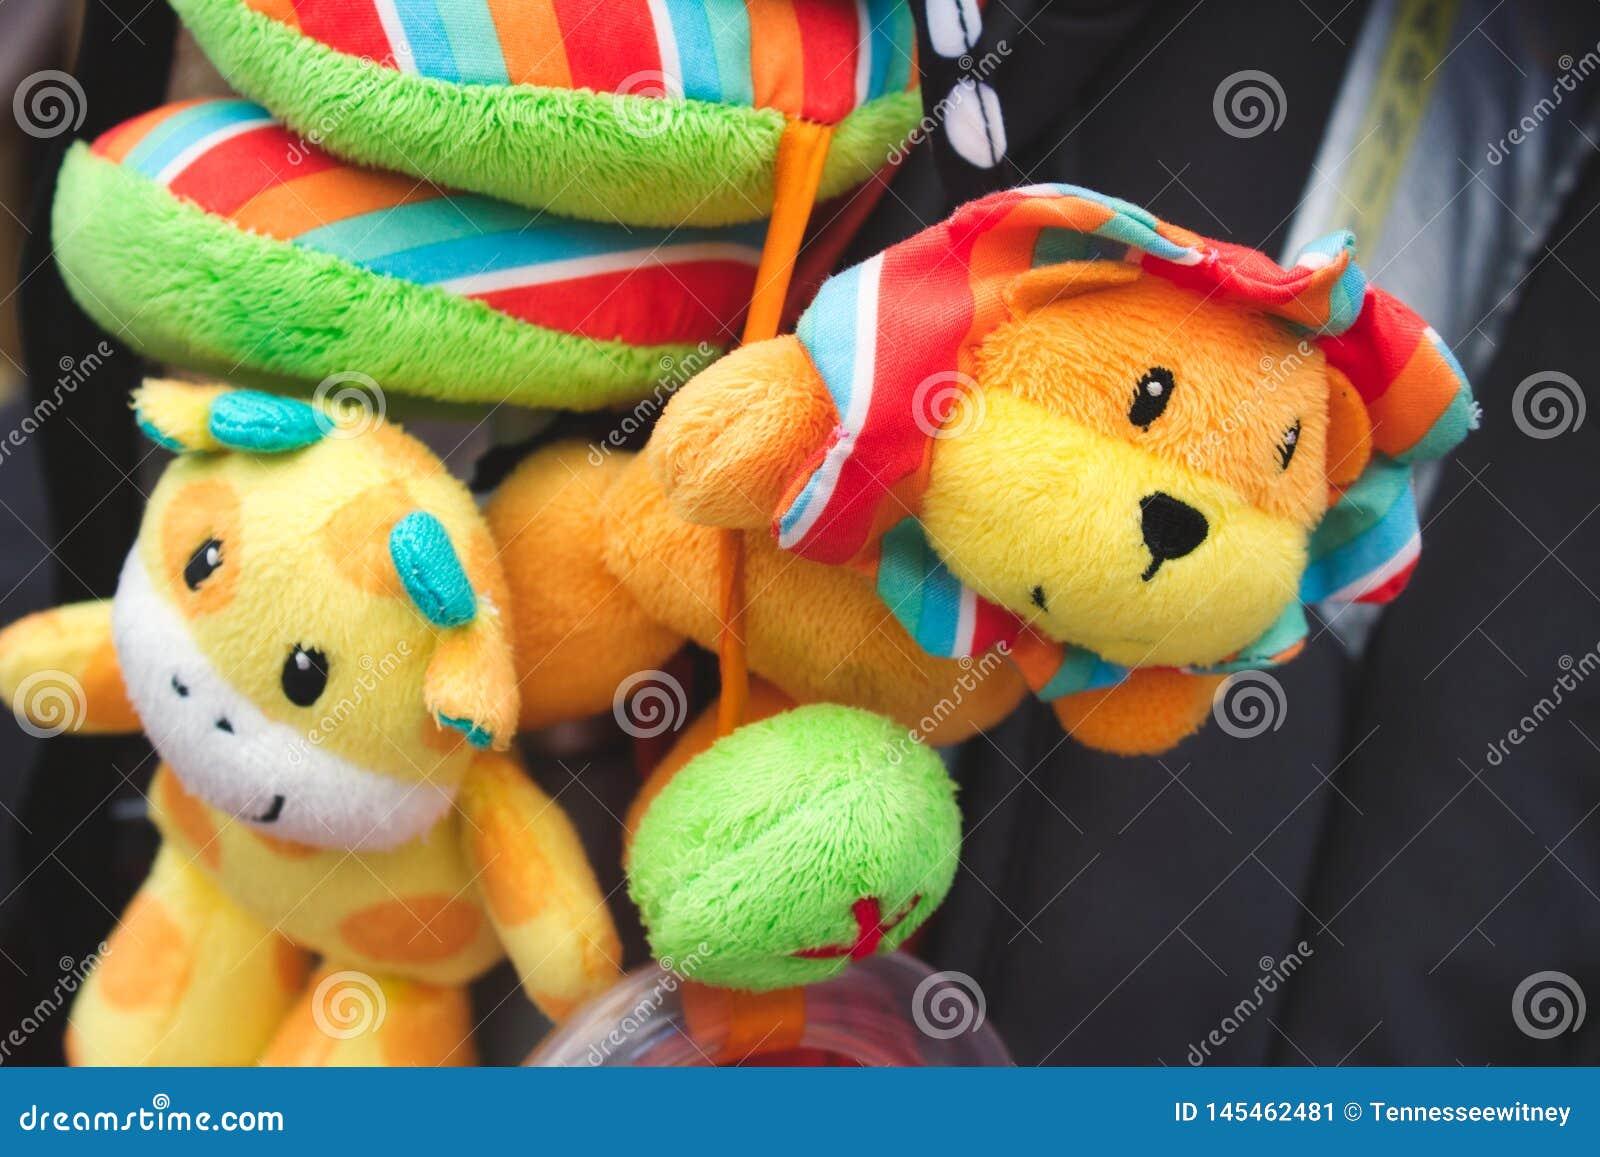 Mjuk kelig leksaker som hänger från en babys pushchair